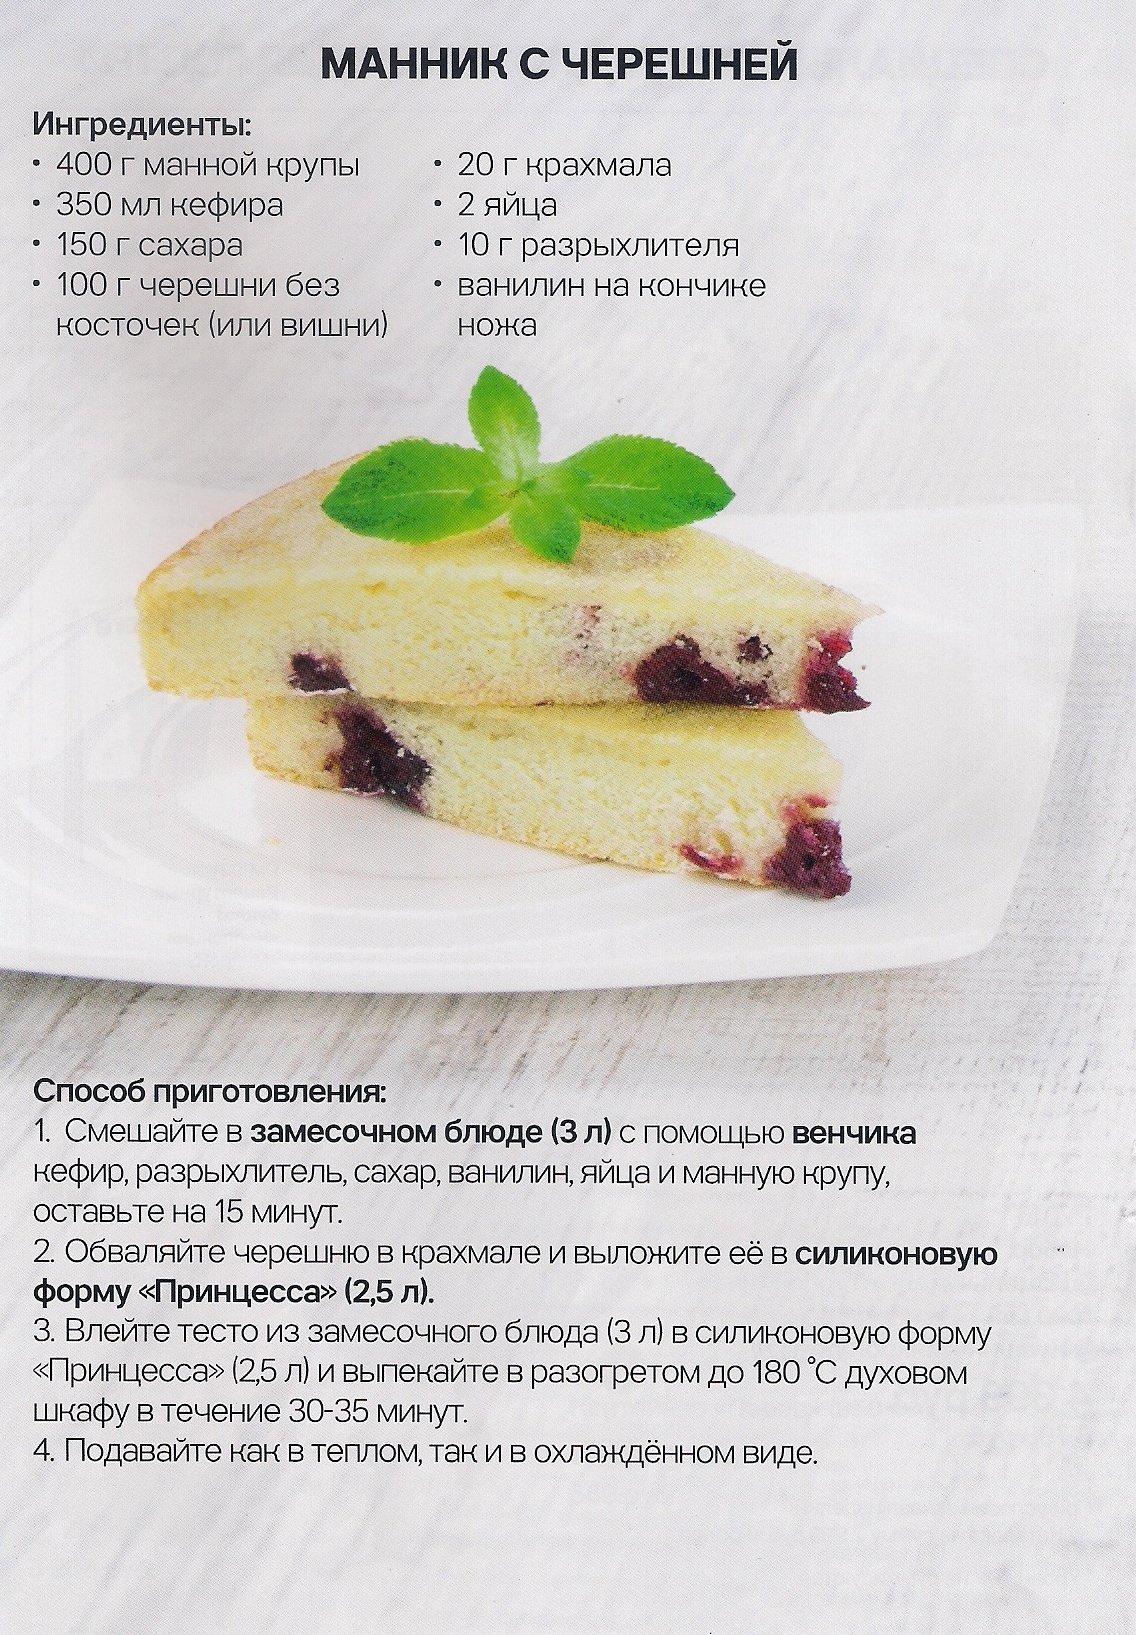 http://tupperware-online.ru/images/upload/s8.jpg